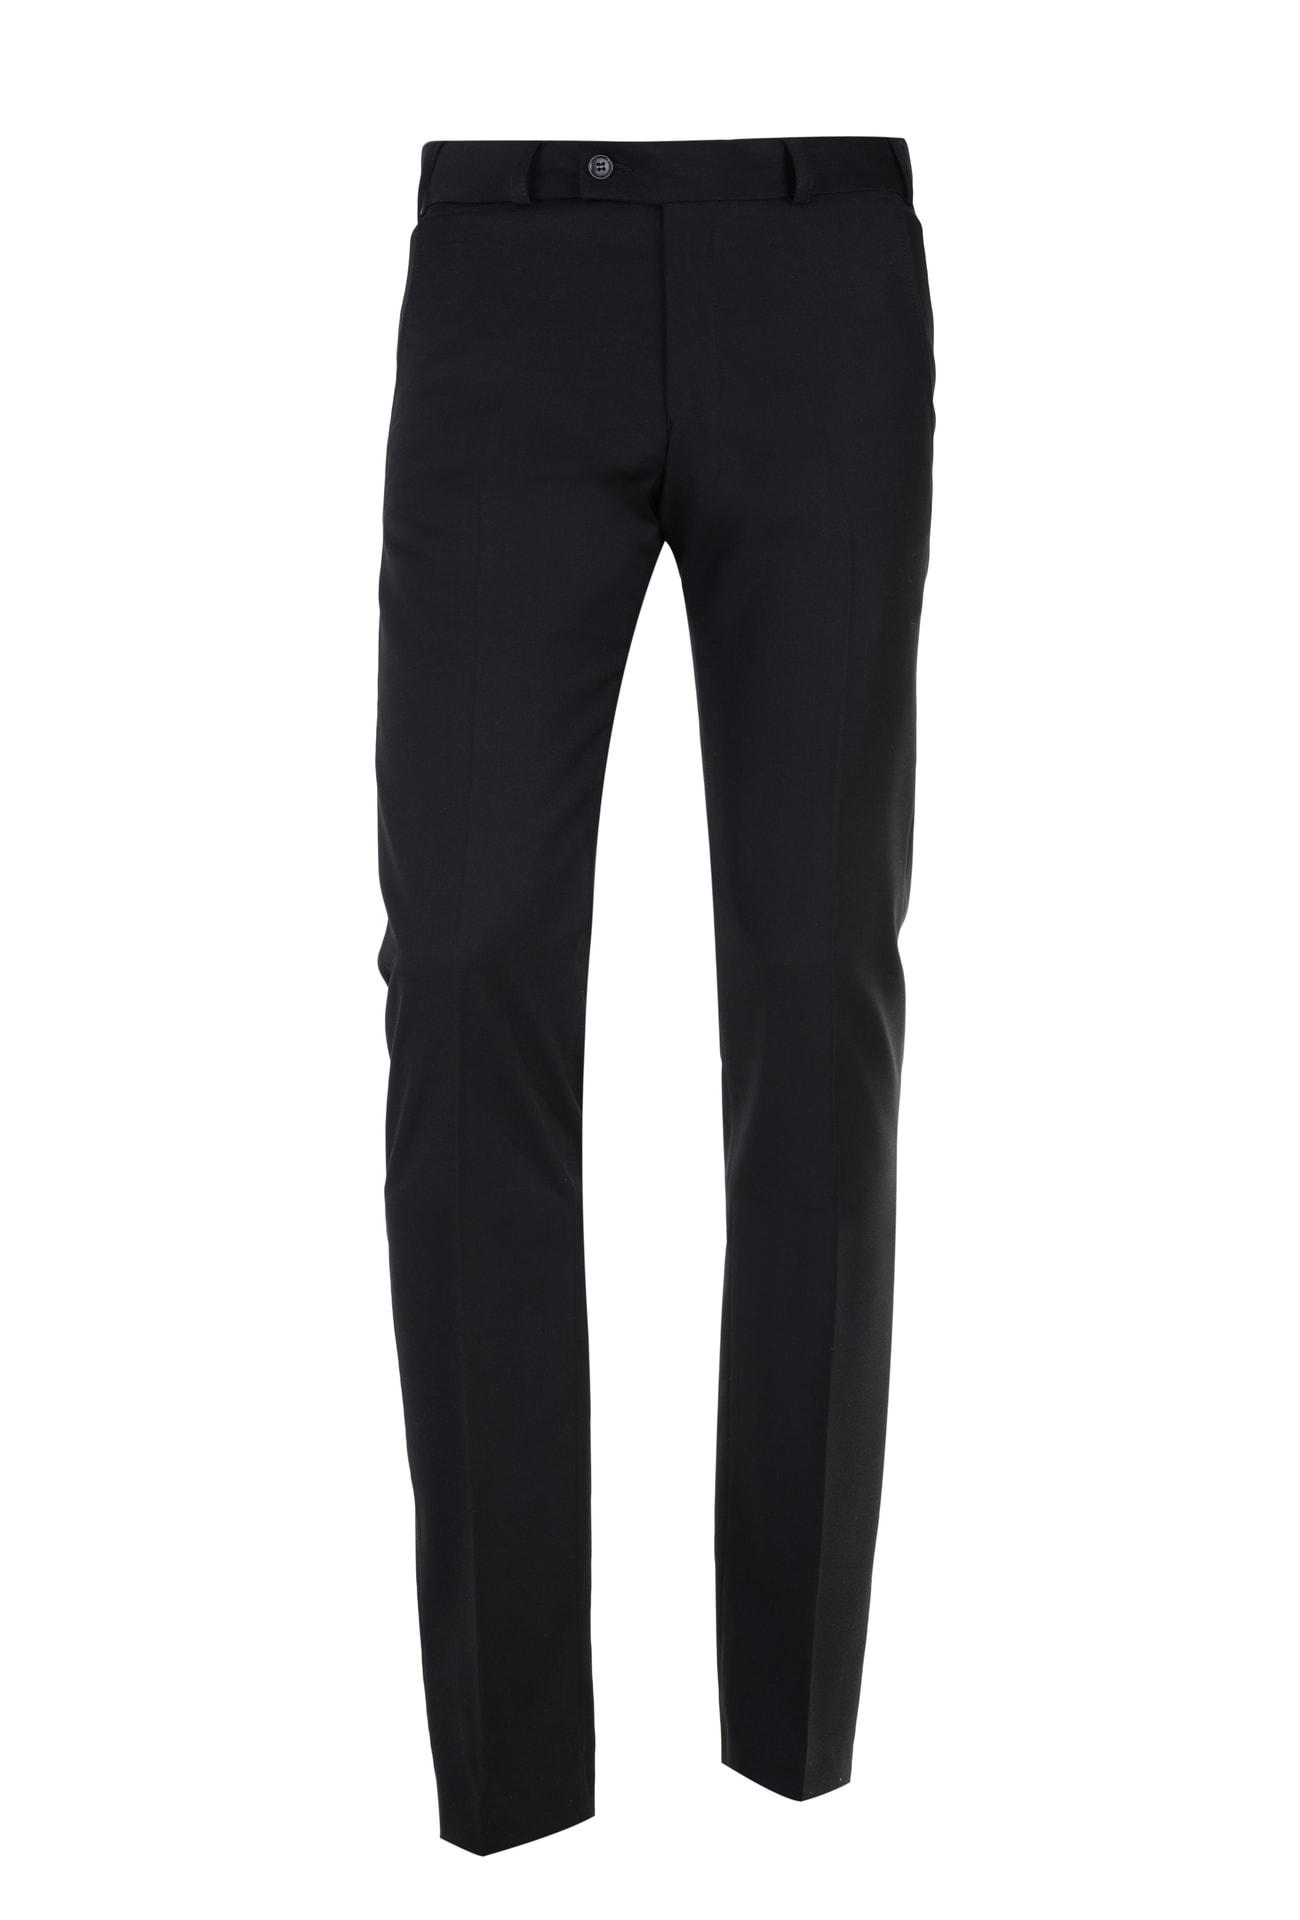 Granatowe spodnie Classic Fit